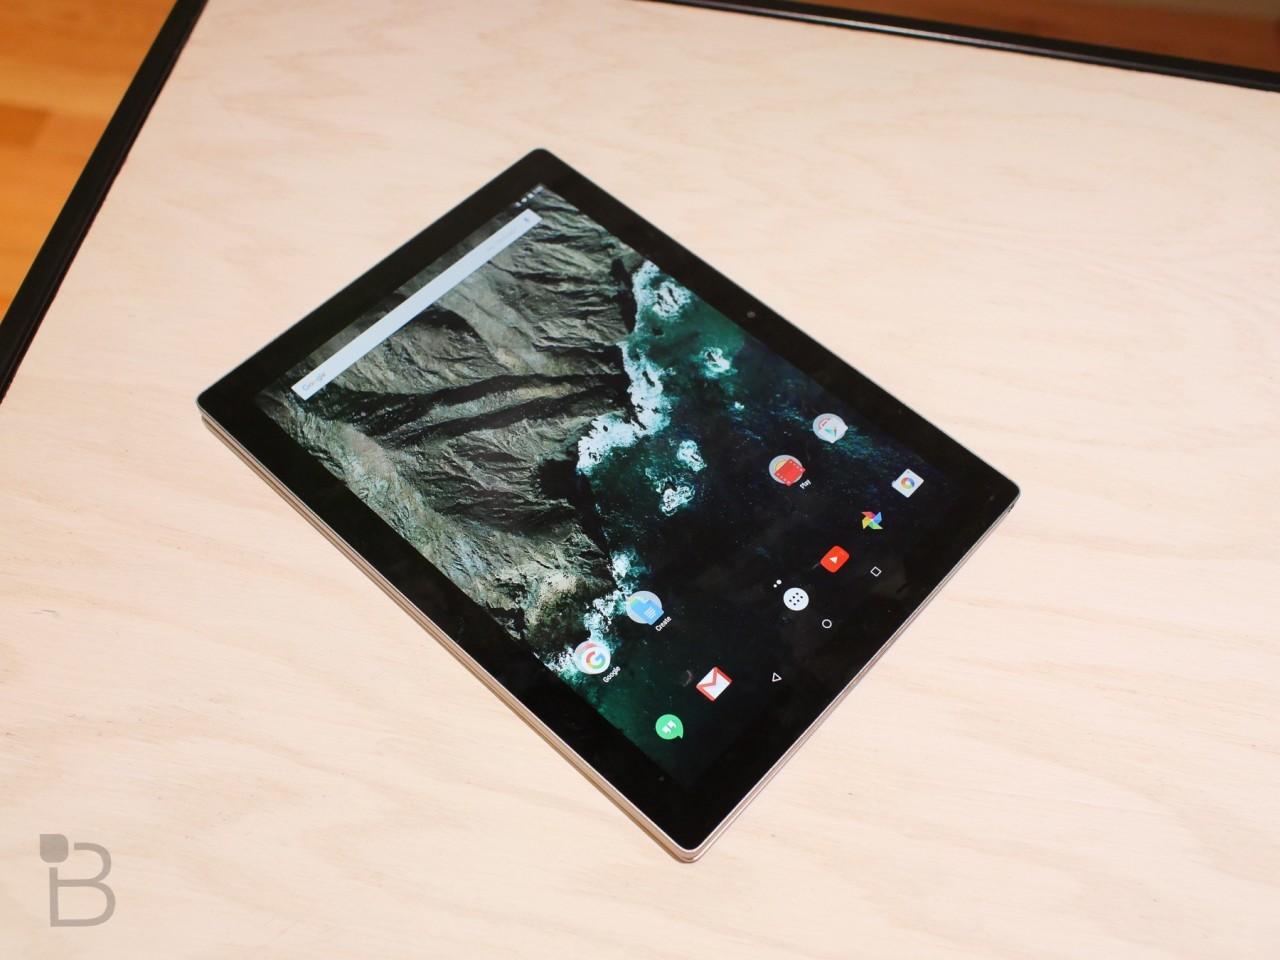 تبلت  Pixel C گوگل هفتهی آینده عرضه میشود